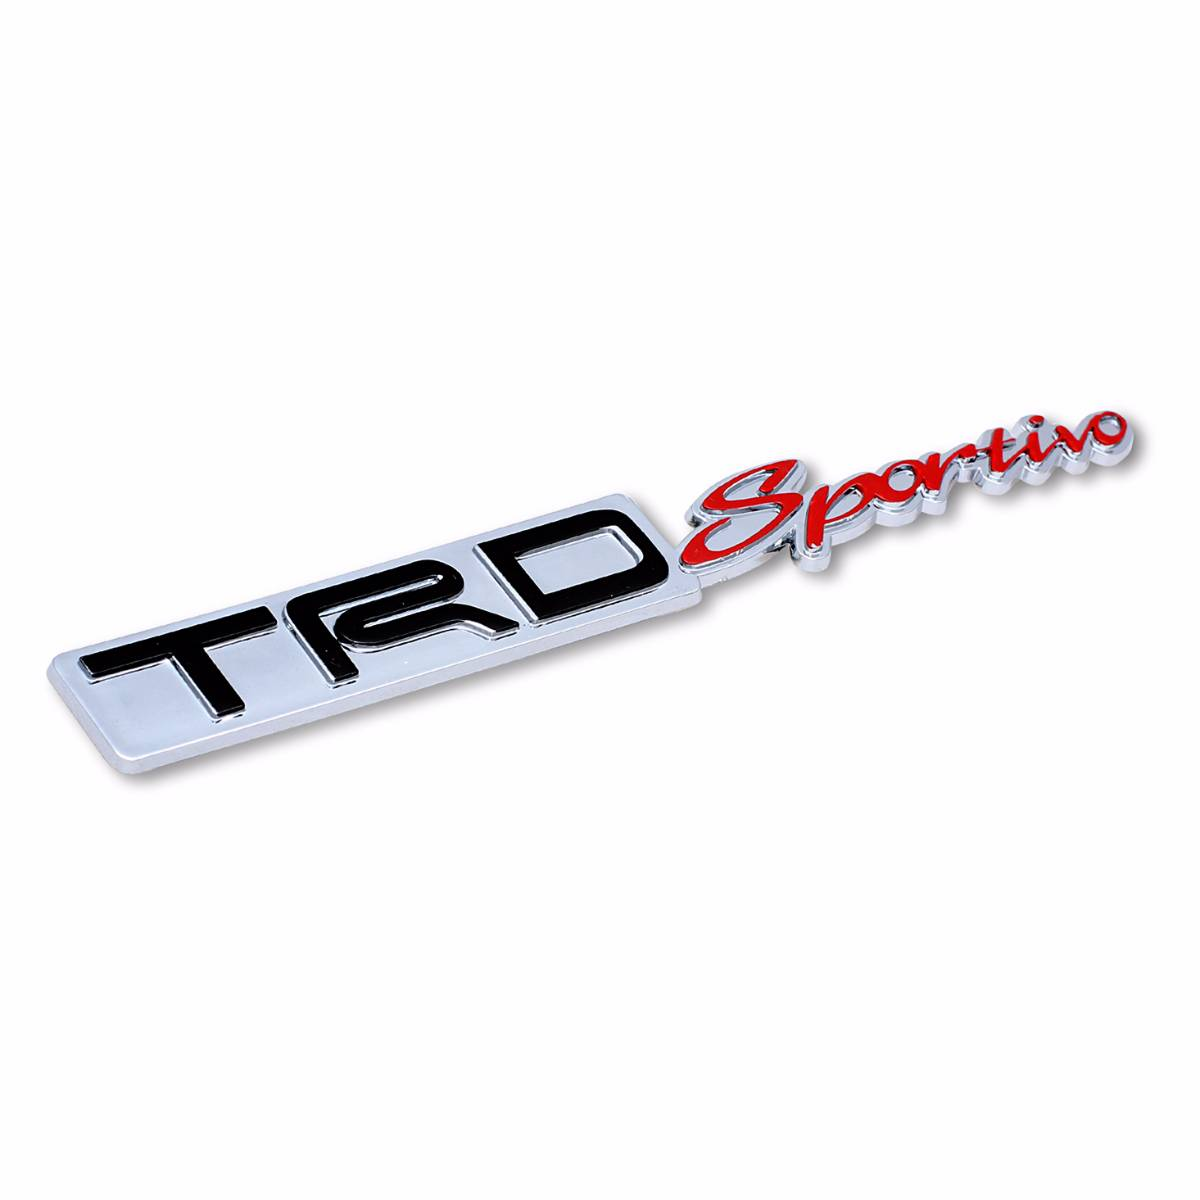 Emblem Logo Trd Sportivo - Embose Chrome (small)